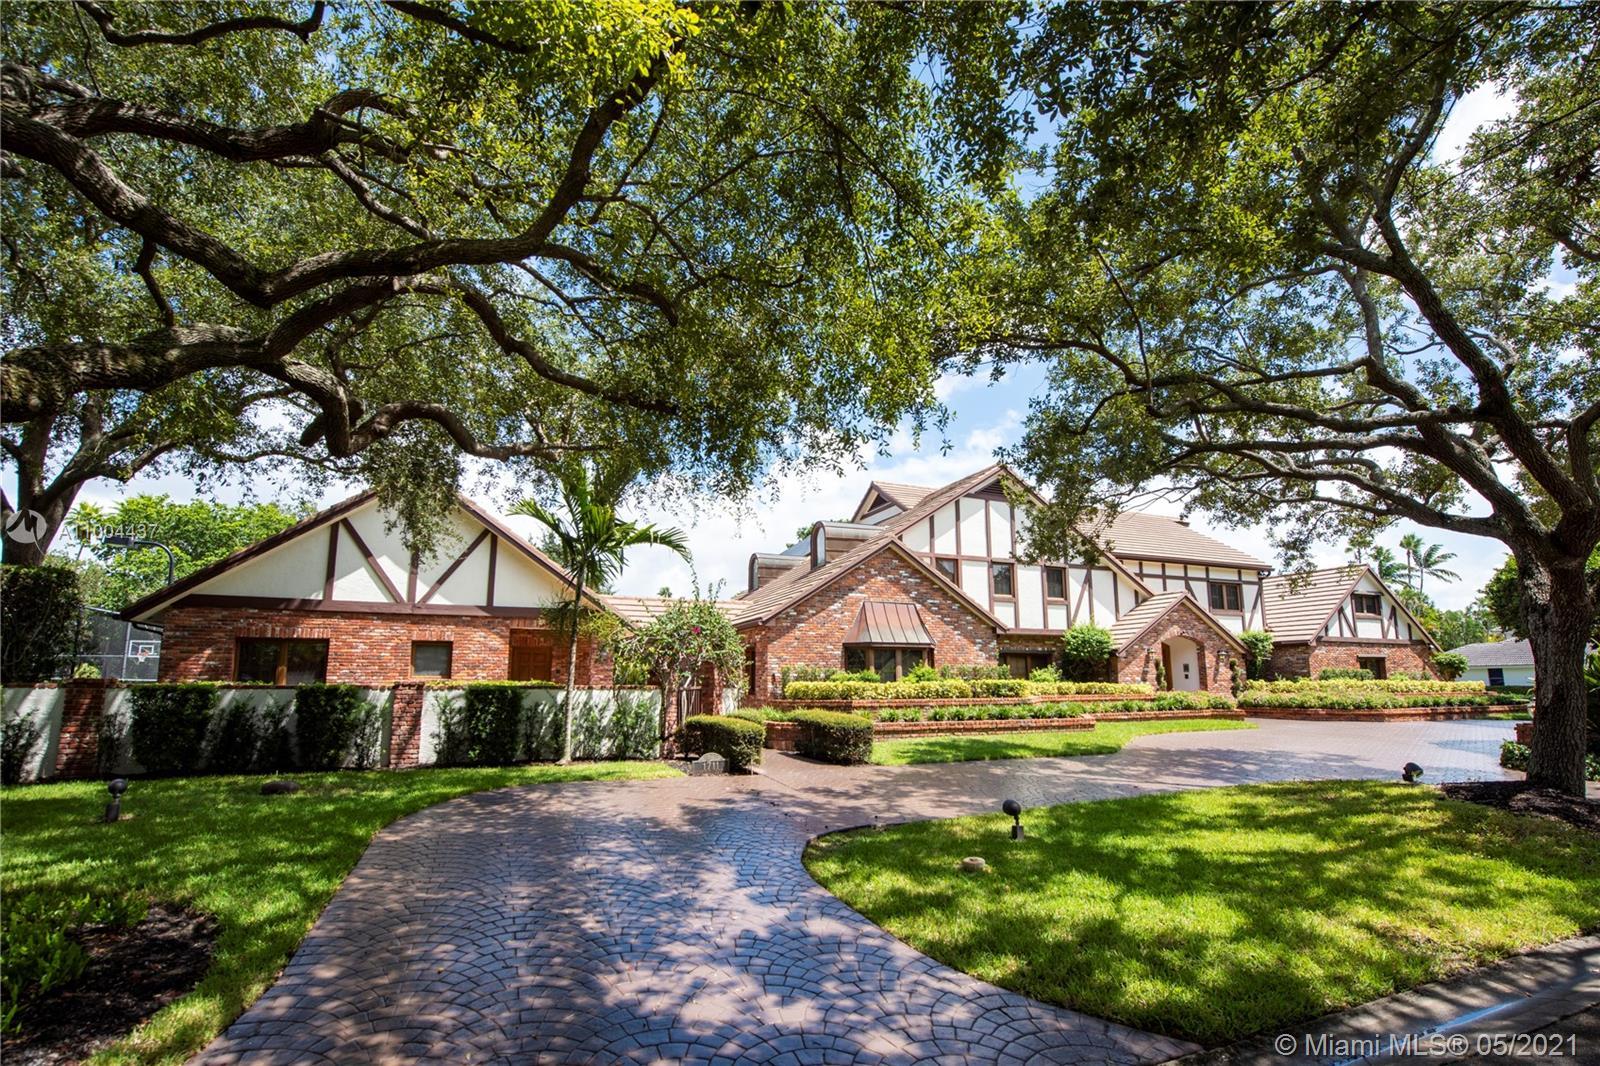 Property for sale at 1711 Vestal Dr, Coral Springs,  Florida 33071